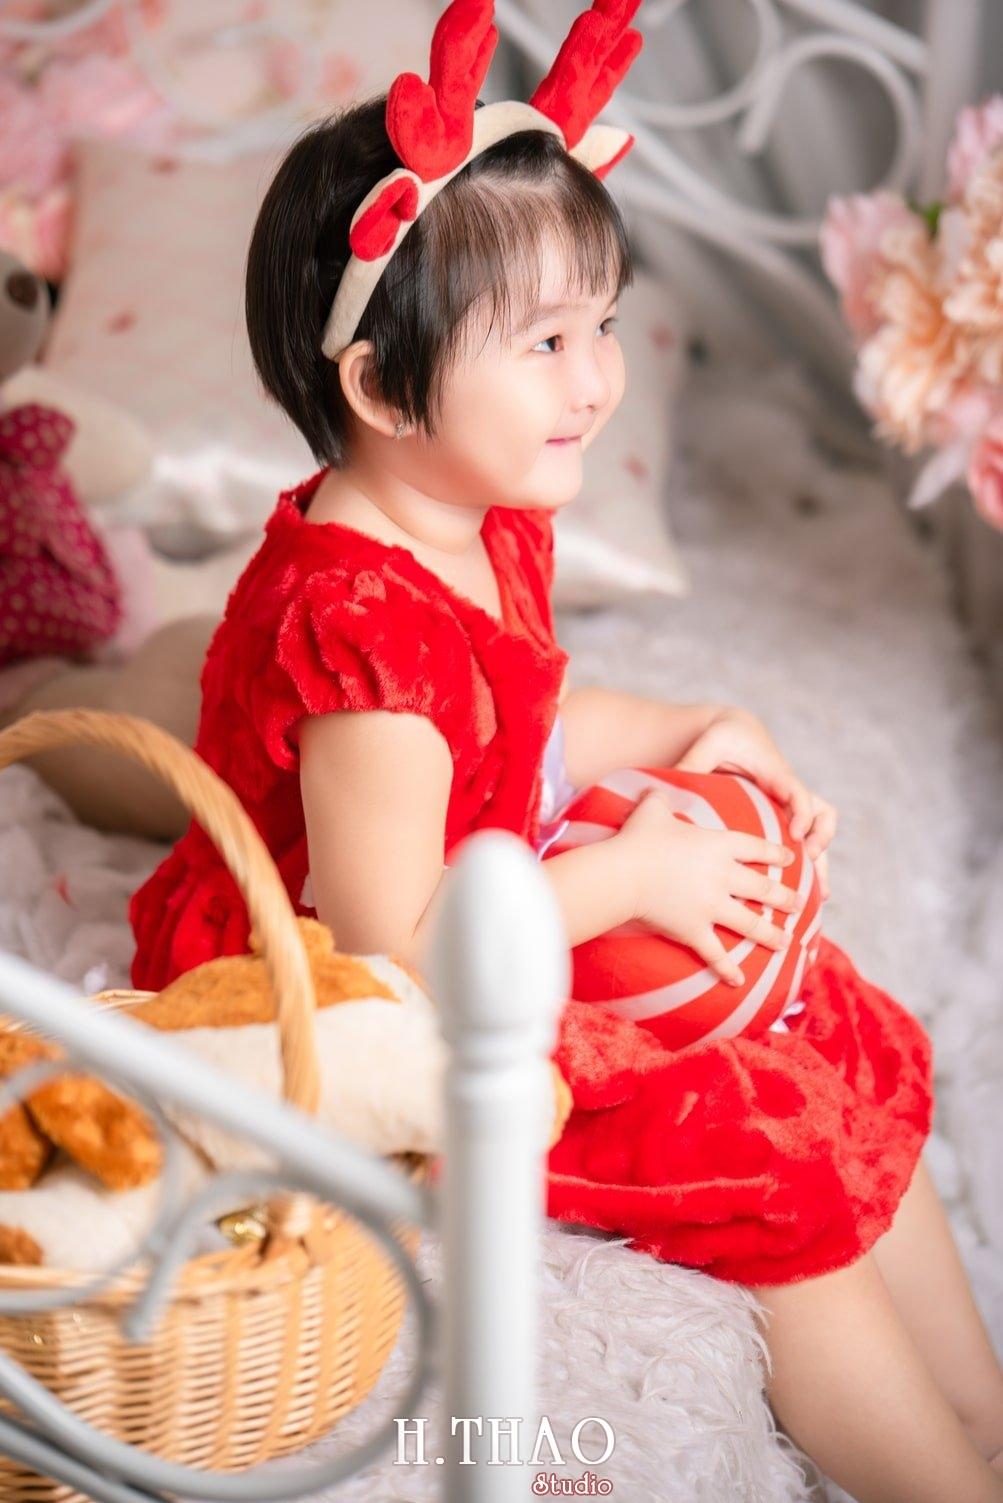 Anh be noel 9 - Album ảnh noel chụp cho con gái cưng chị Linh - HThao Studio